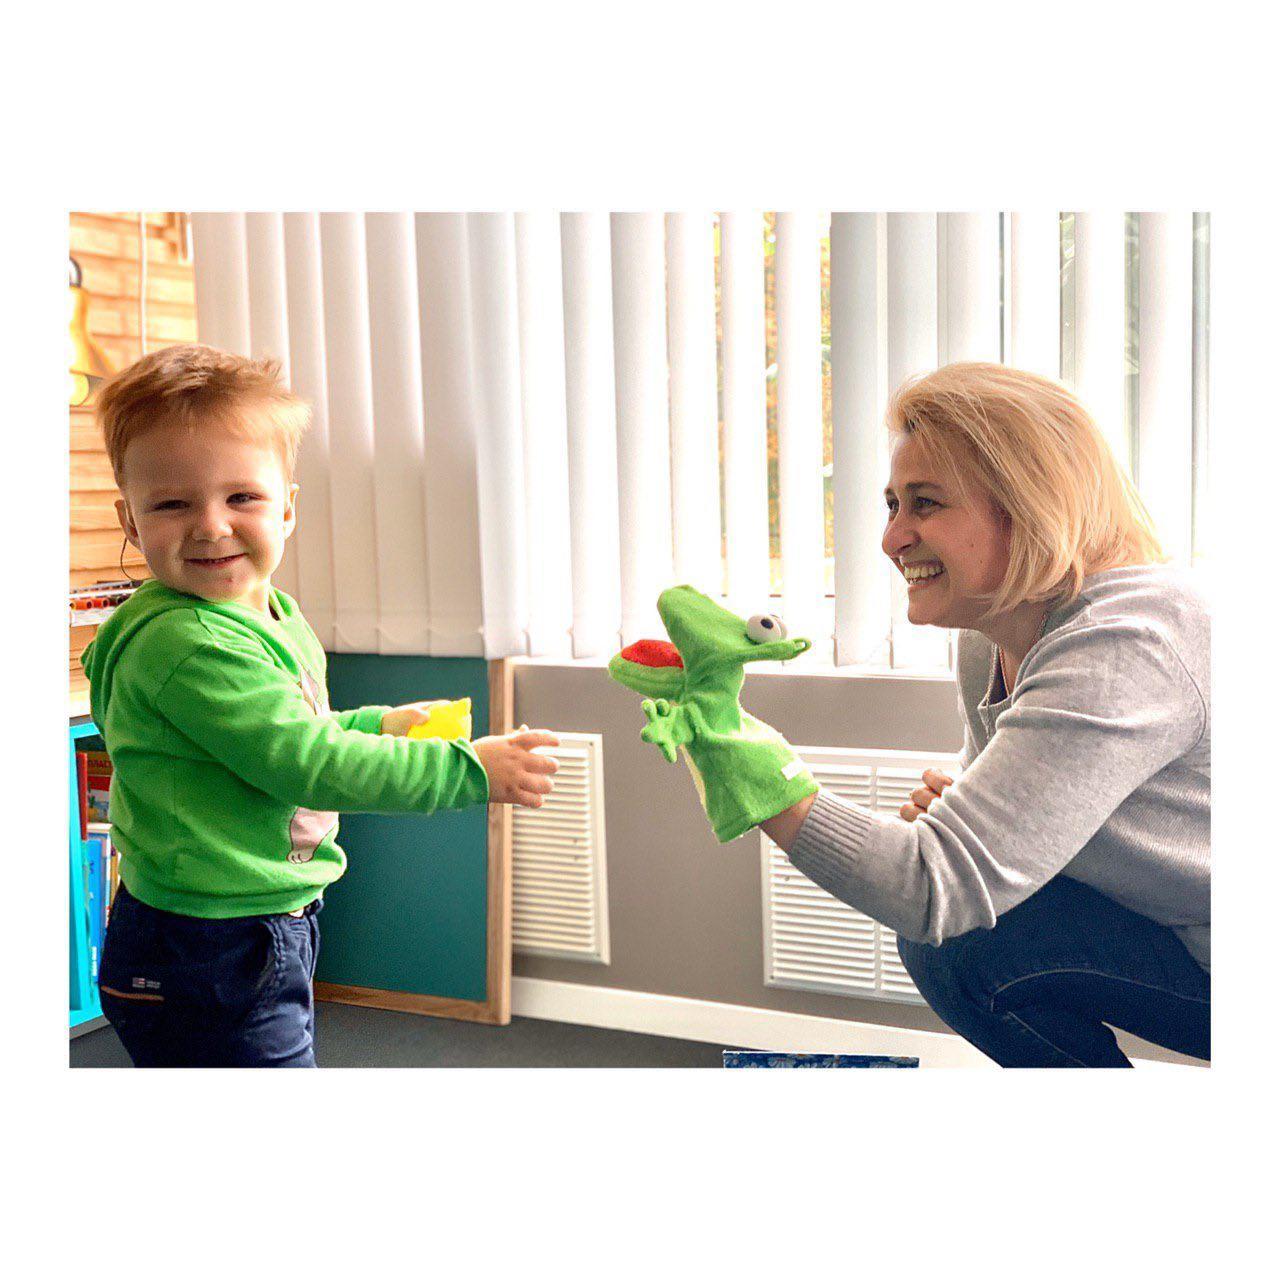 програма для дітей з порушенням слуху